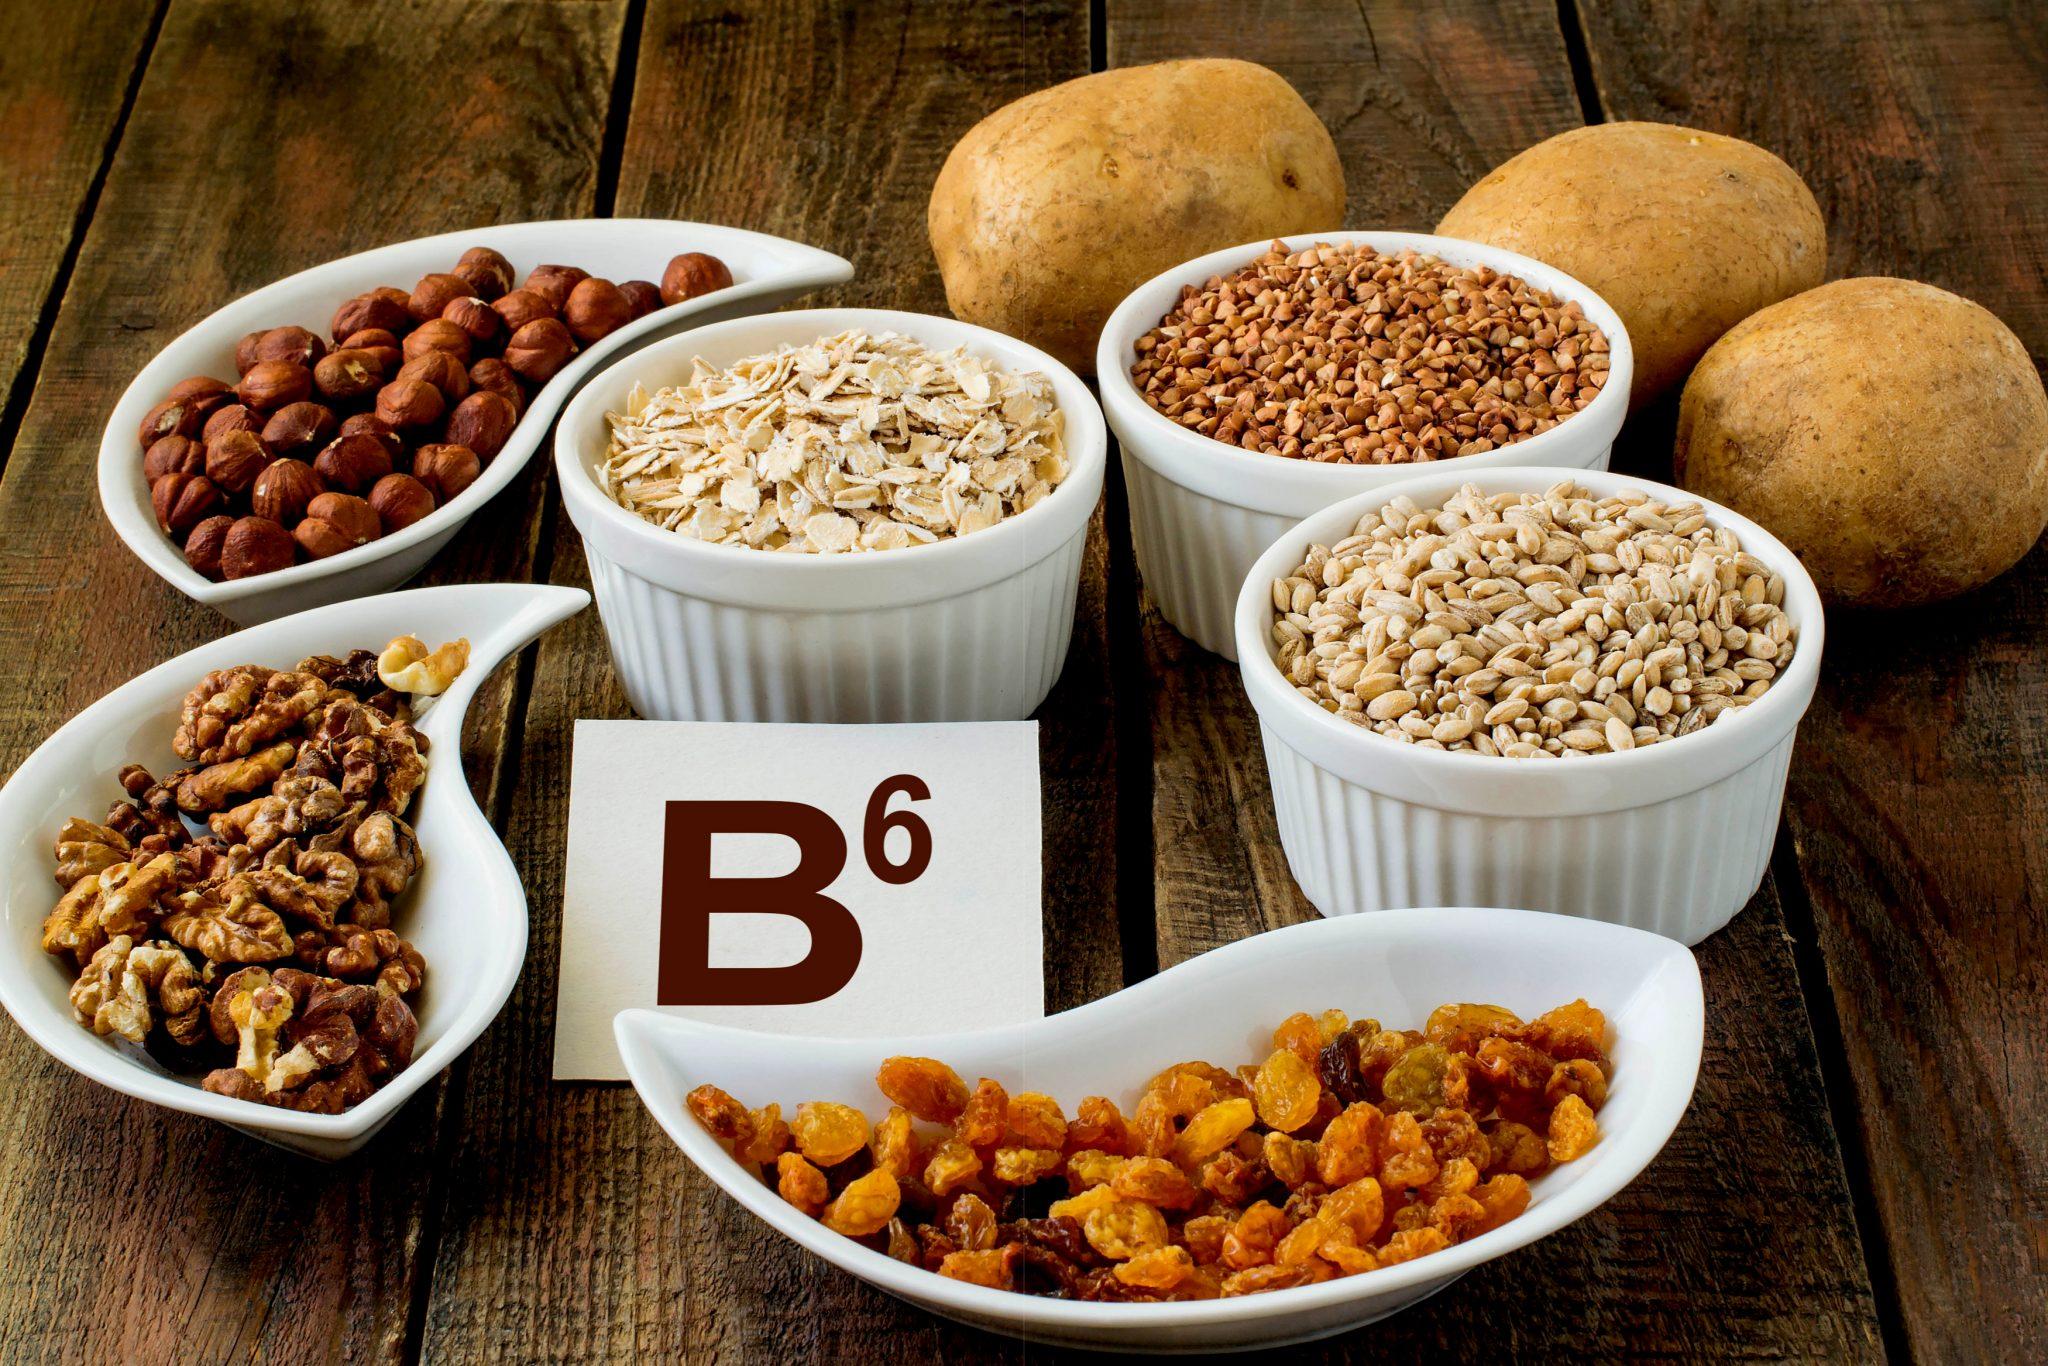 ビタミンB6を含む玄米など